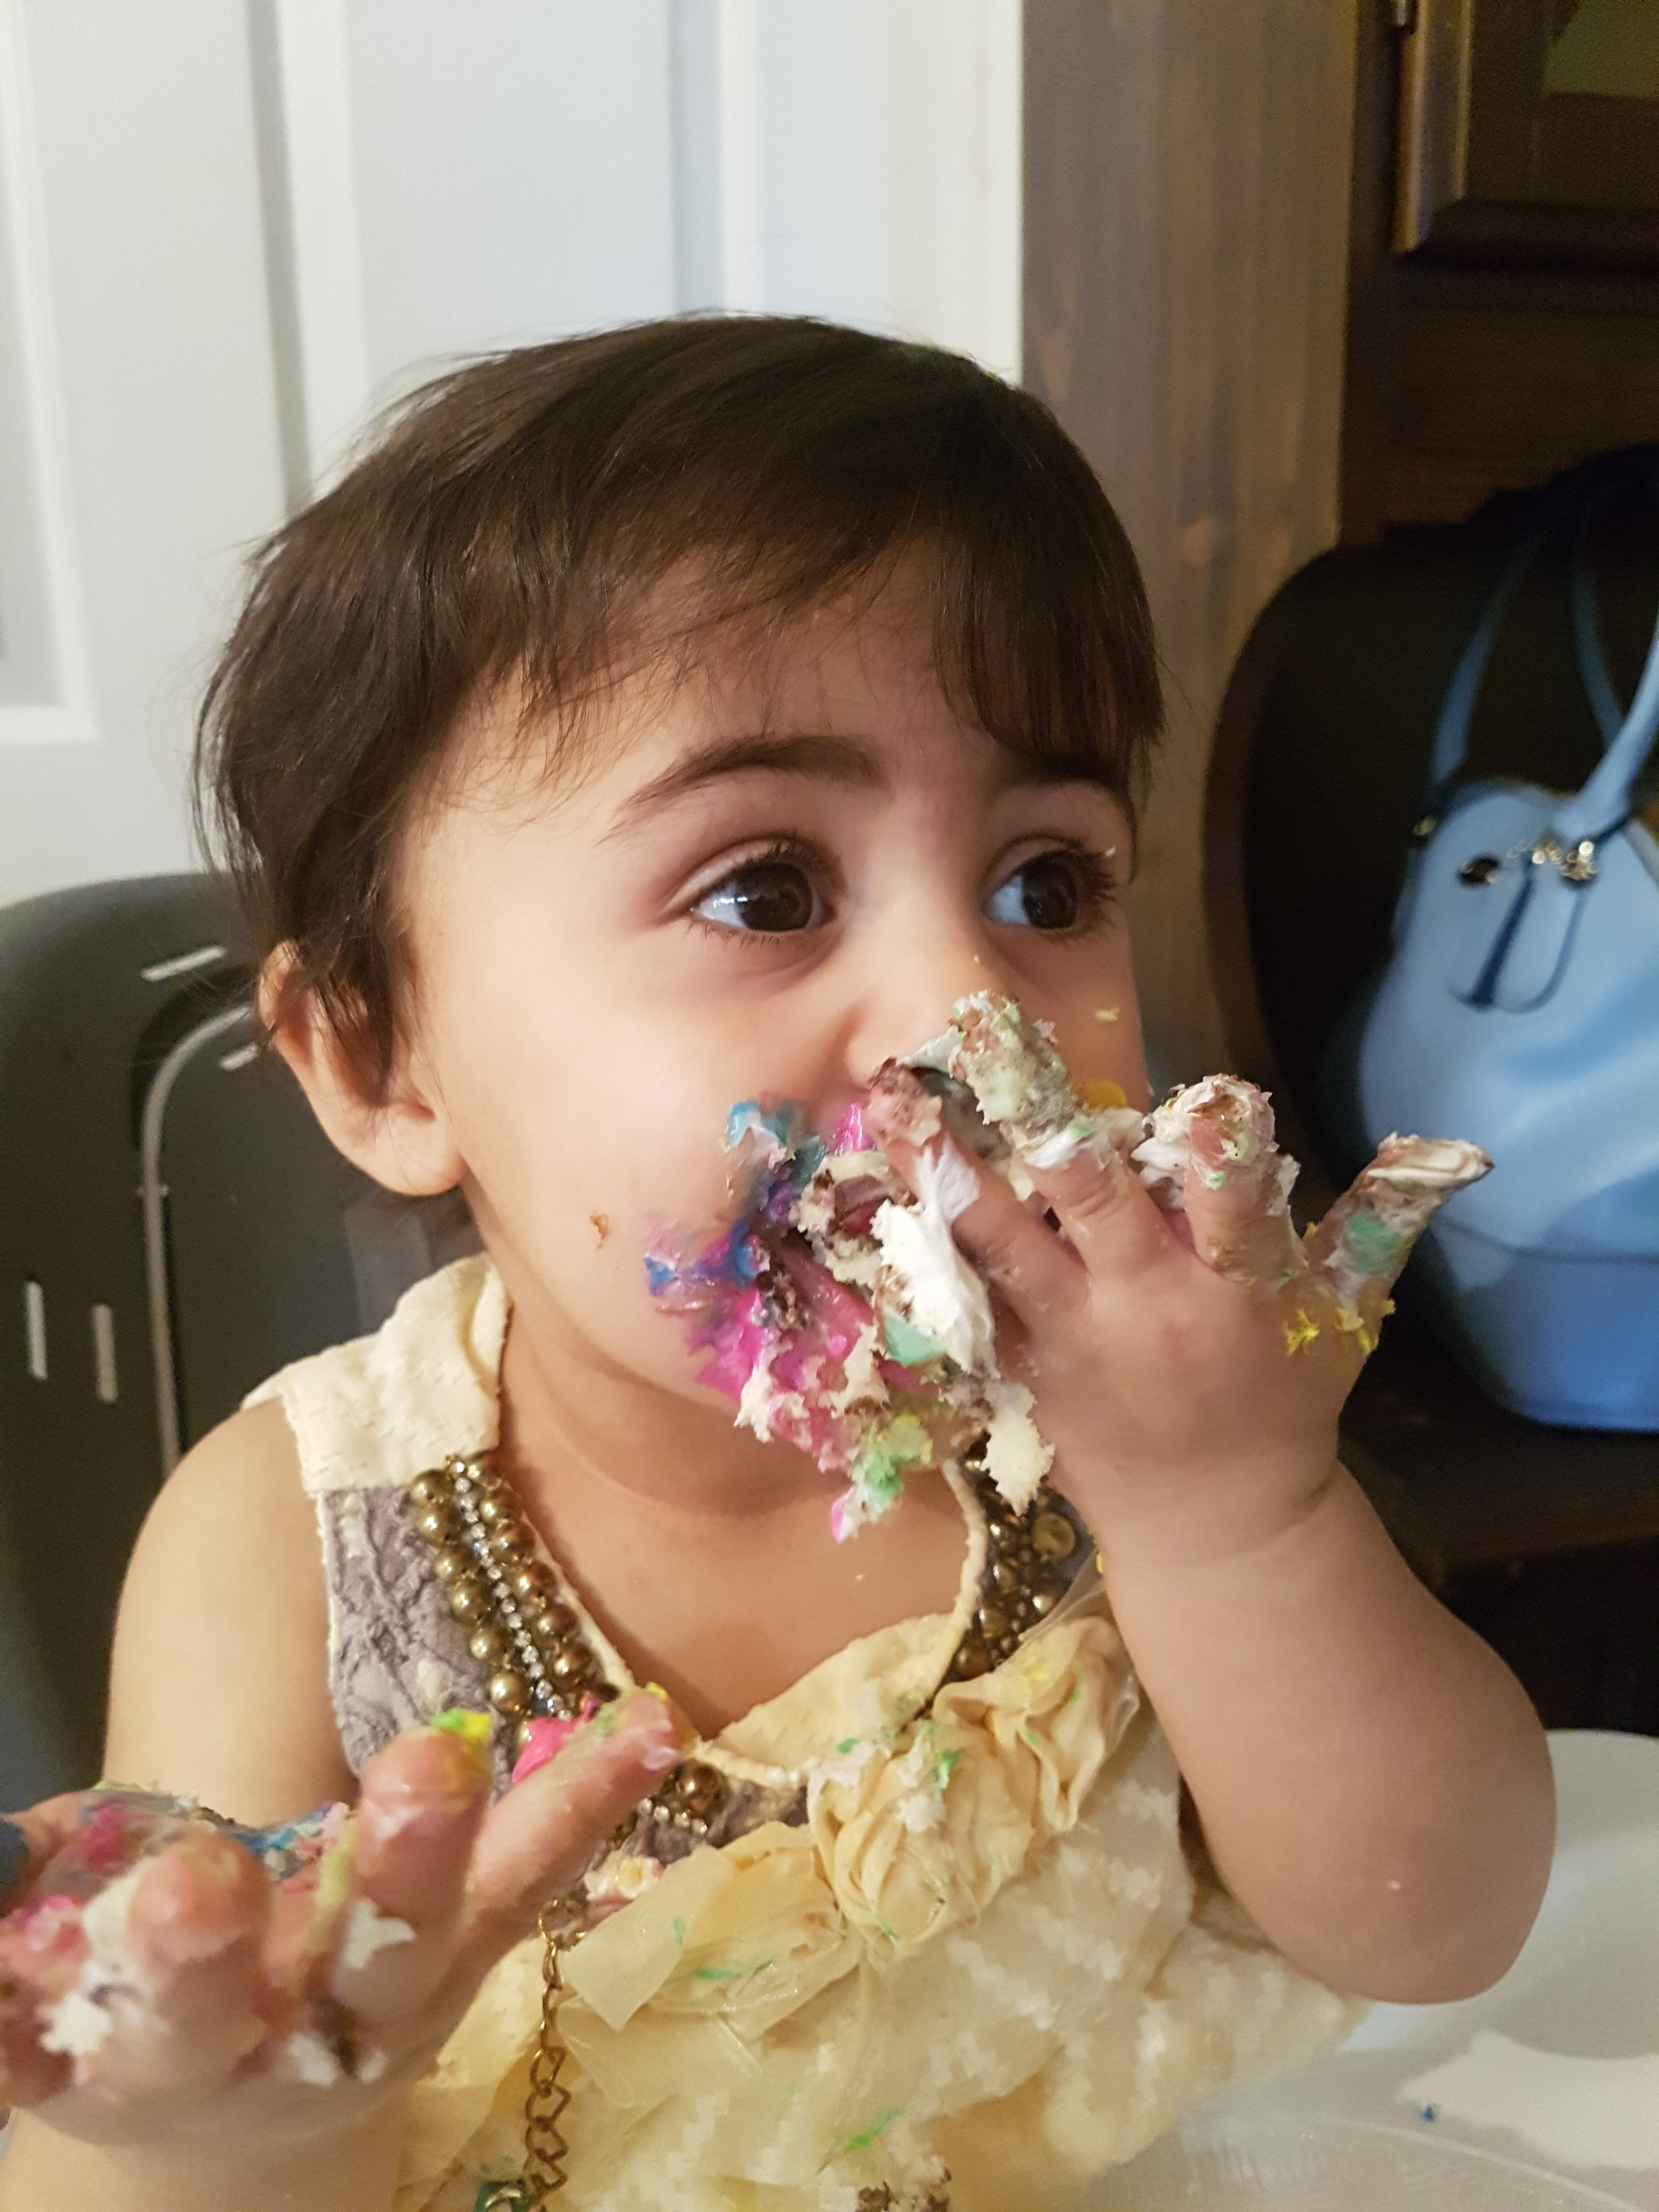 Layan, 20 months